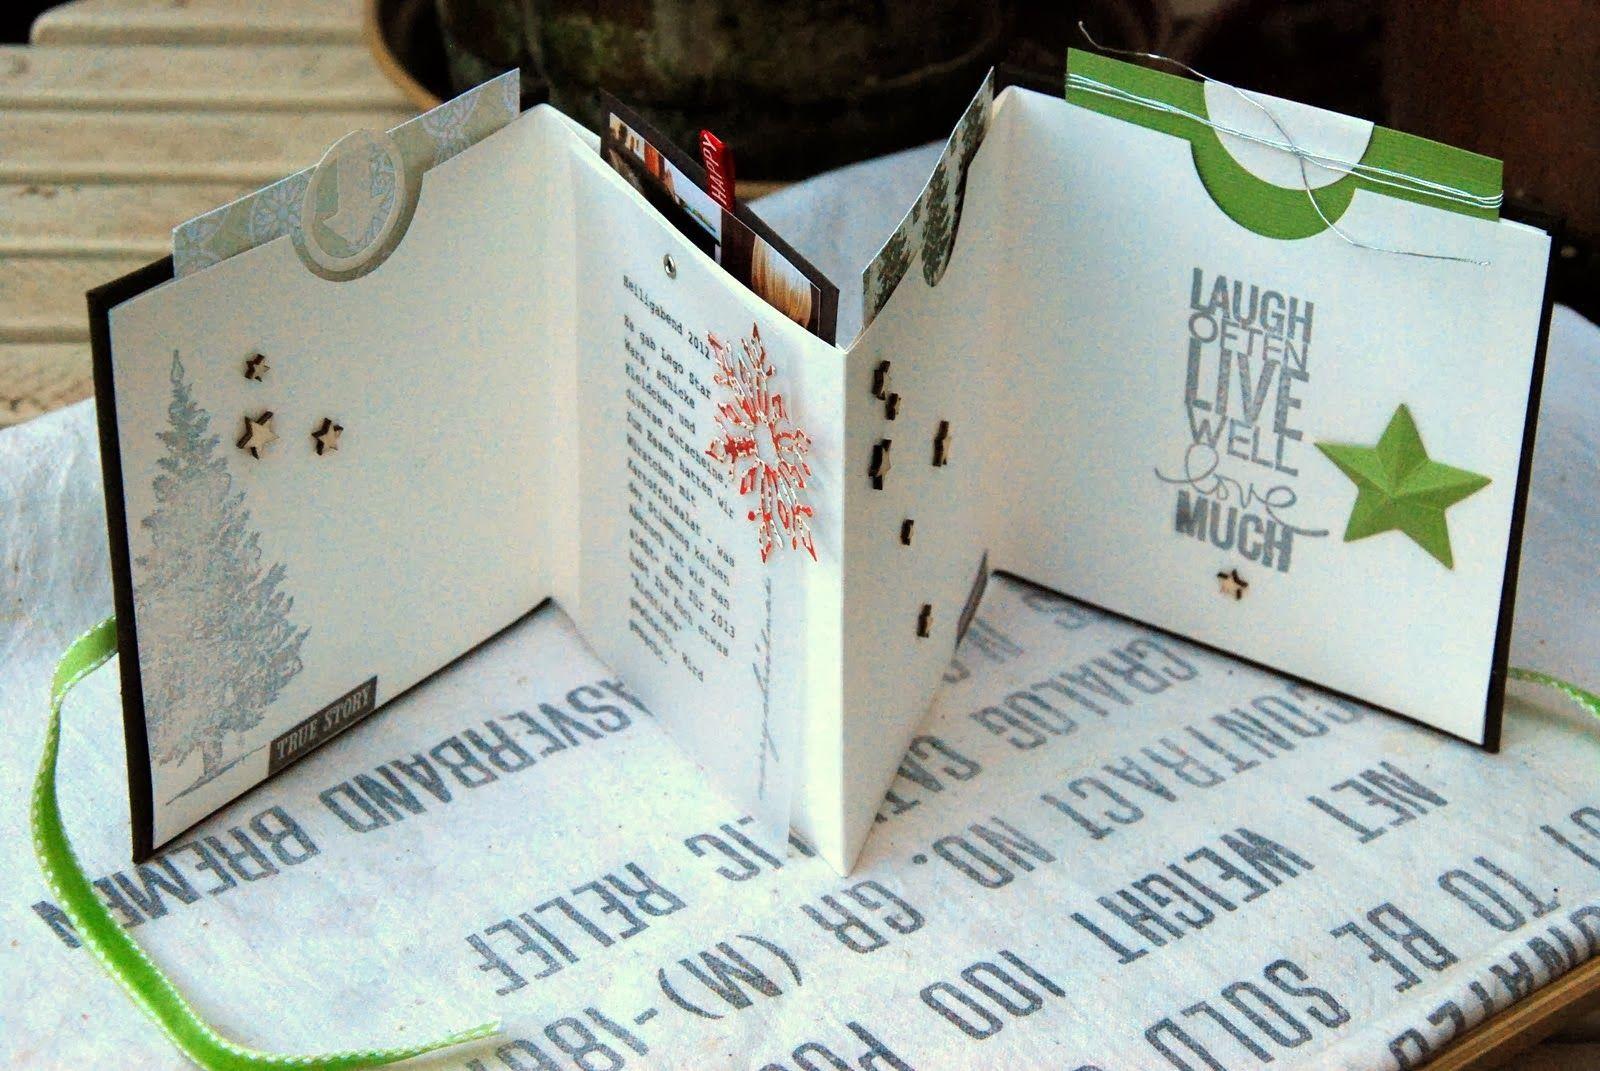 sch ne dinge aus papier mit einiger versp tung minialben minib cher cd mappe und papier. Black Bedroom Furniture Sets. Home Design Ideas